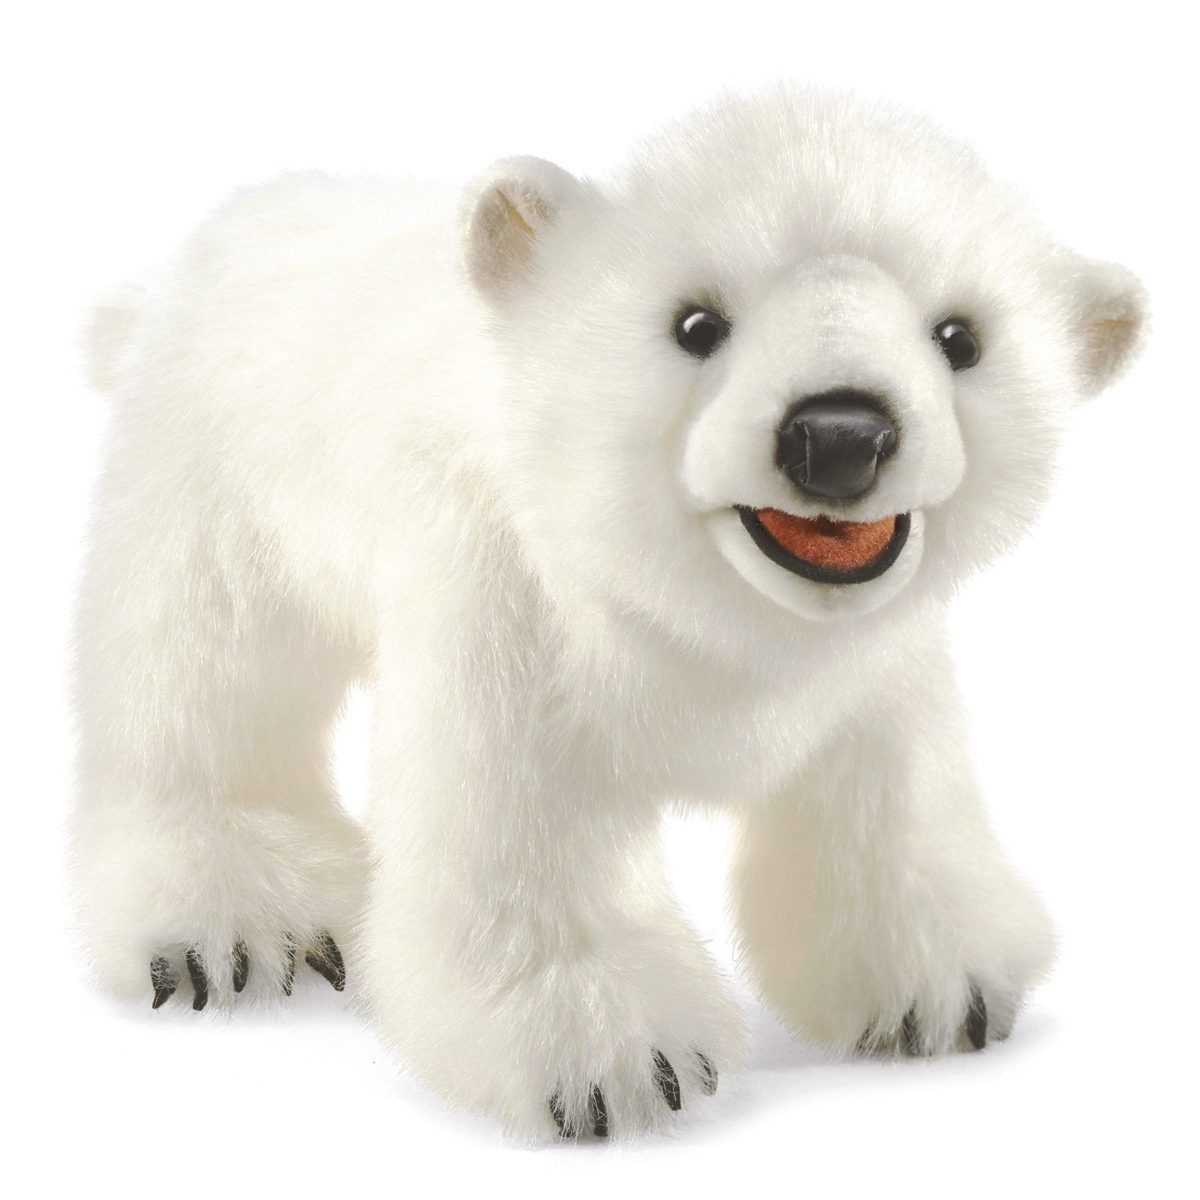 FOLKMANIS® Handpuppe, »Eisbär«